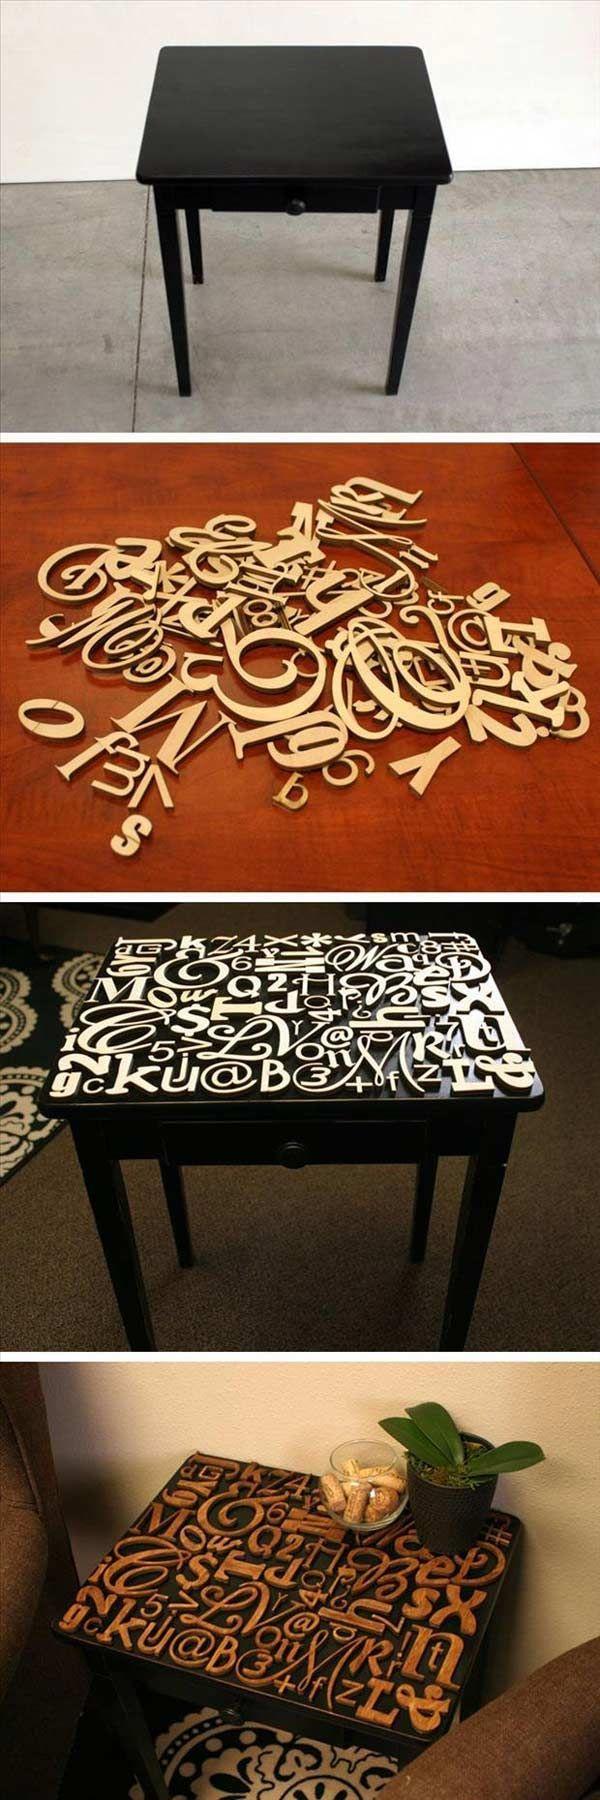 Hermosa mesa con letras de madera